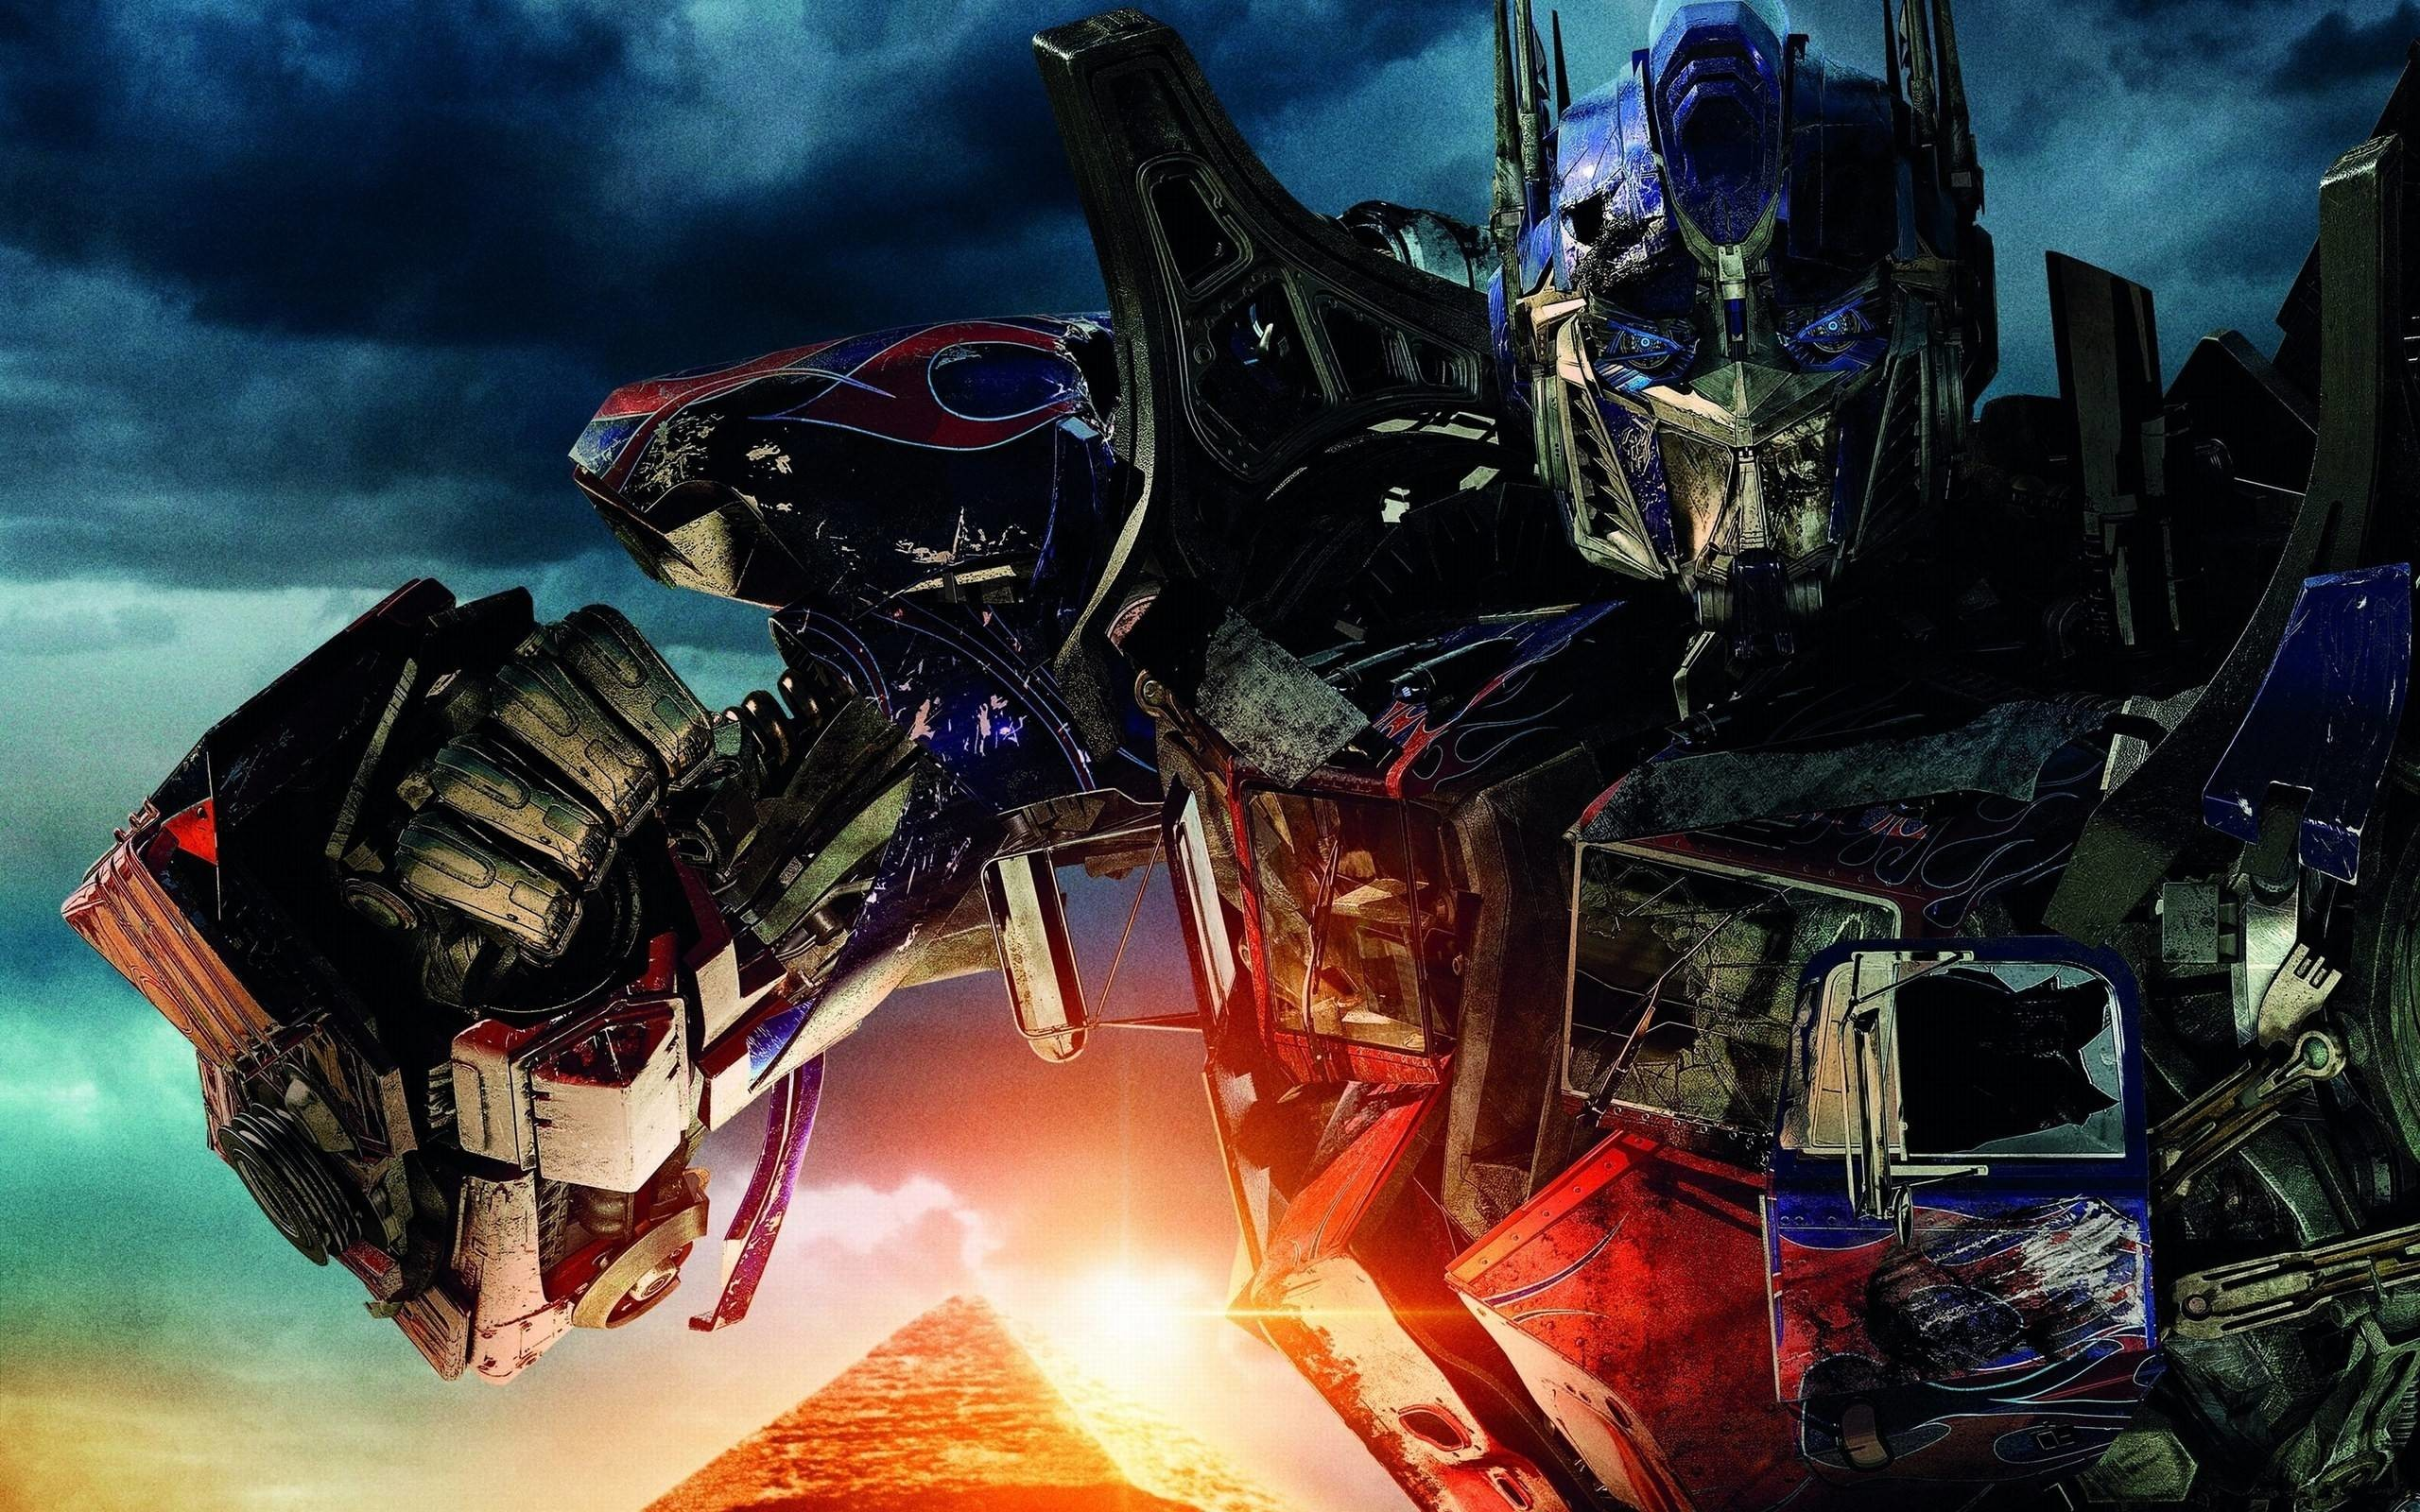 2560x1600 Movie 3D Robots Transformers Wallpaper | High Definition Wallpaper .